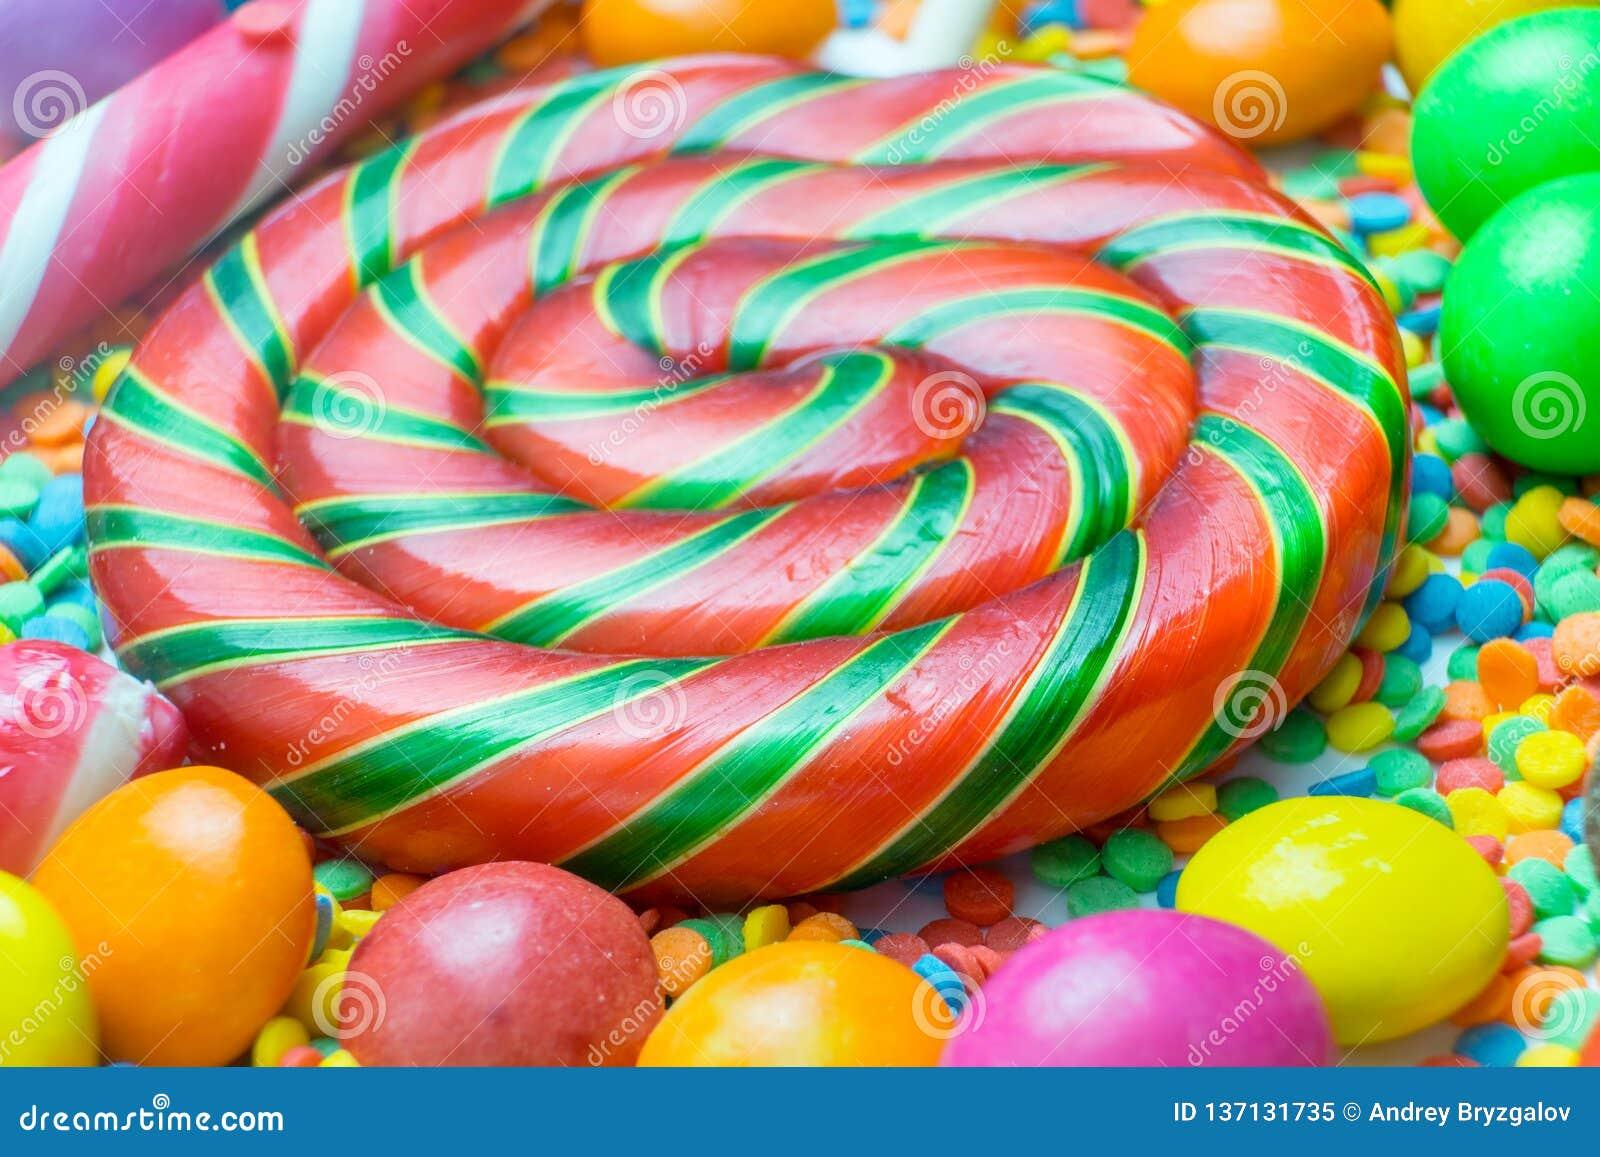 Contexte de différents bonbons et lucettes colorés